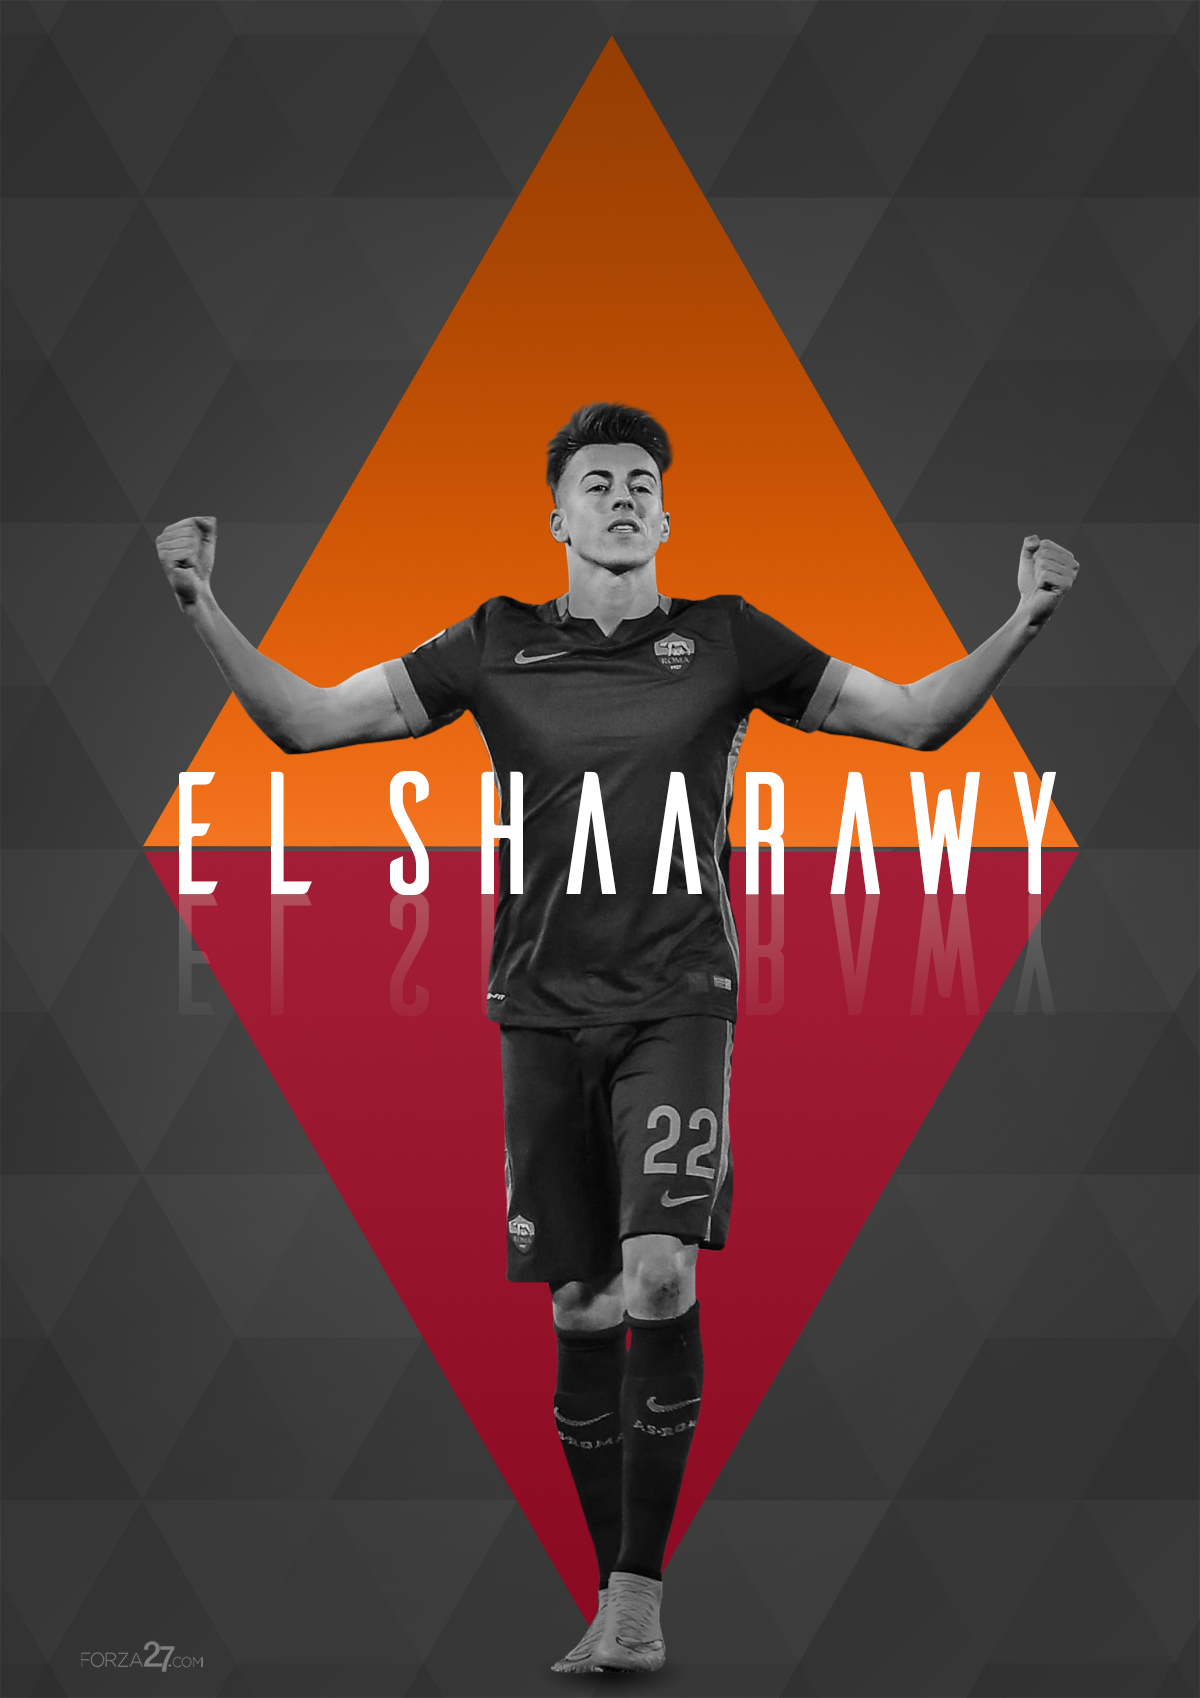 ElShaarawy_forza27